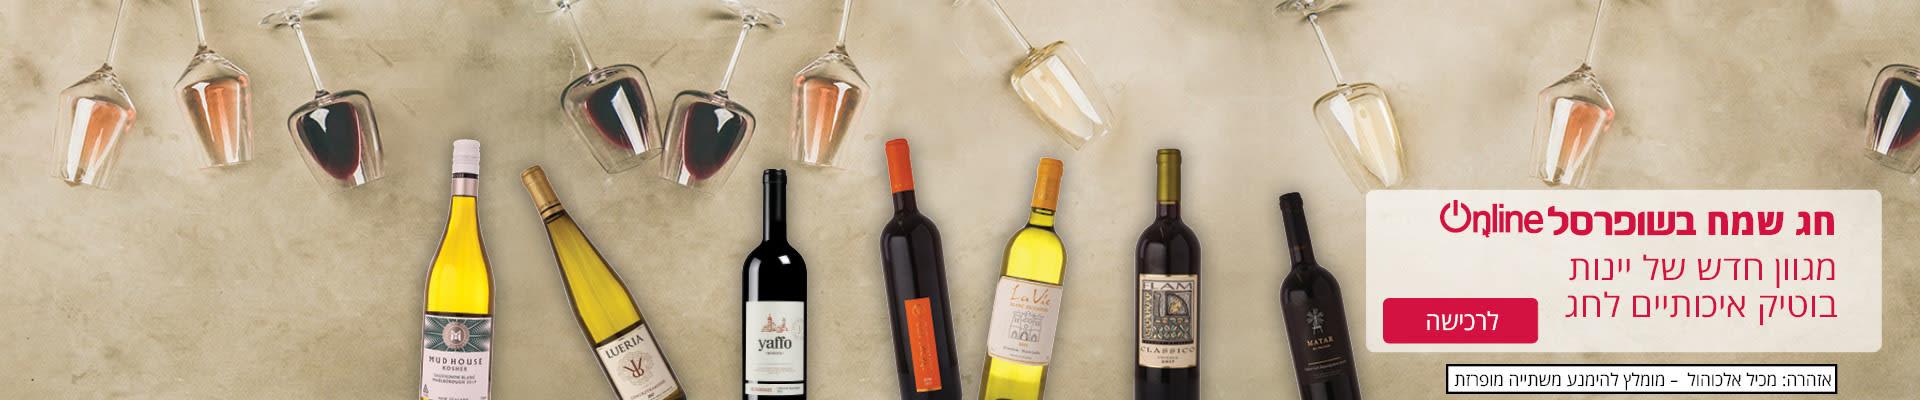 חג שמח בשופרסל online. מגוון חדש של יינות בוטיק איכותיים לחג. אזהרה: מכיל אלכוהול – מומלץ להימנע משתייה מופרזת.